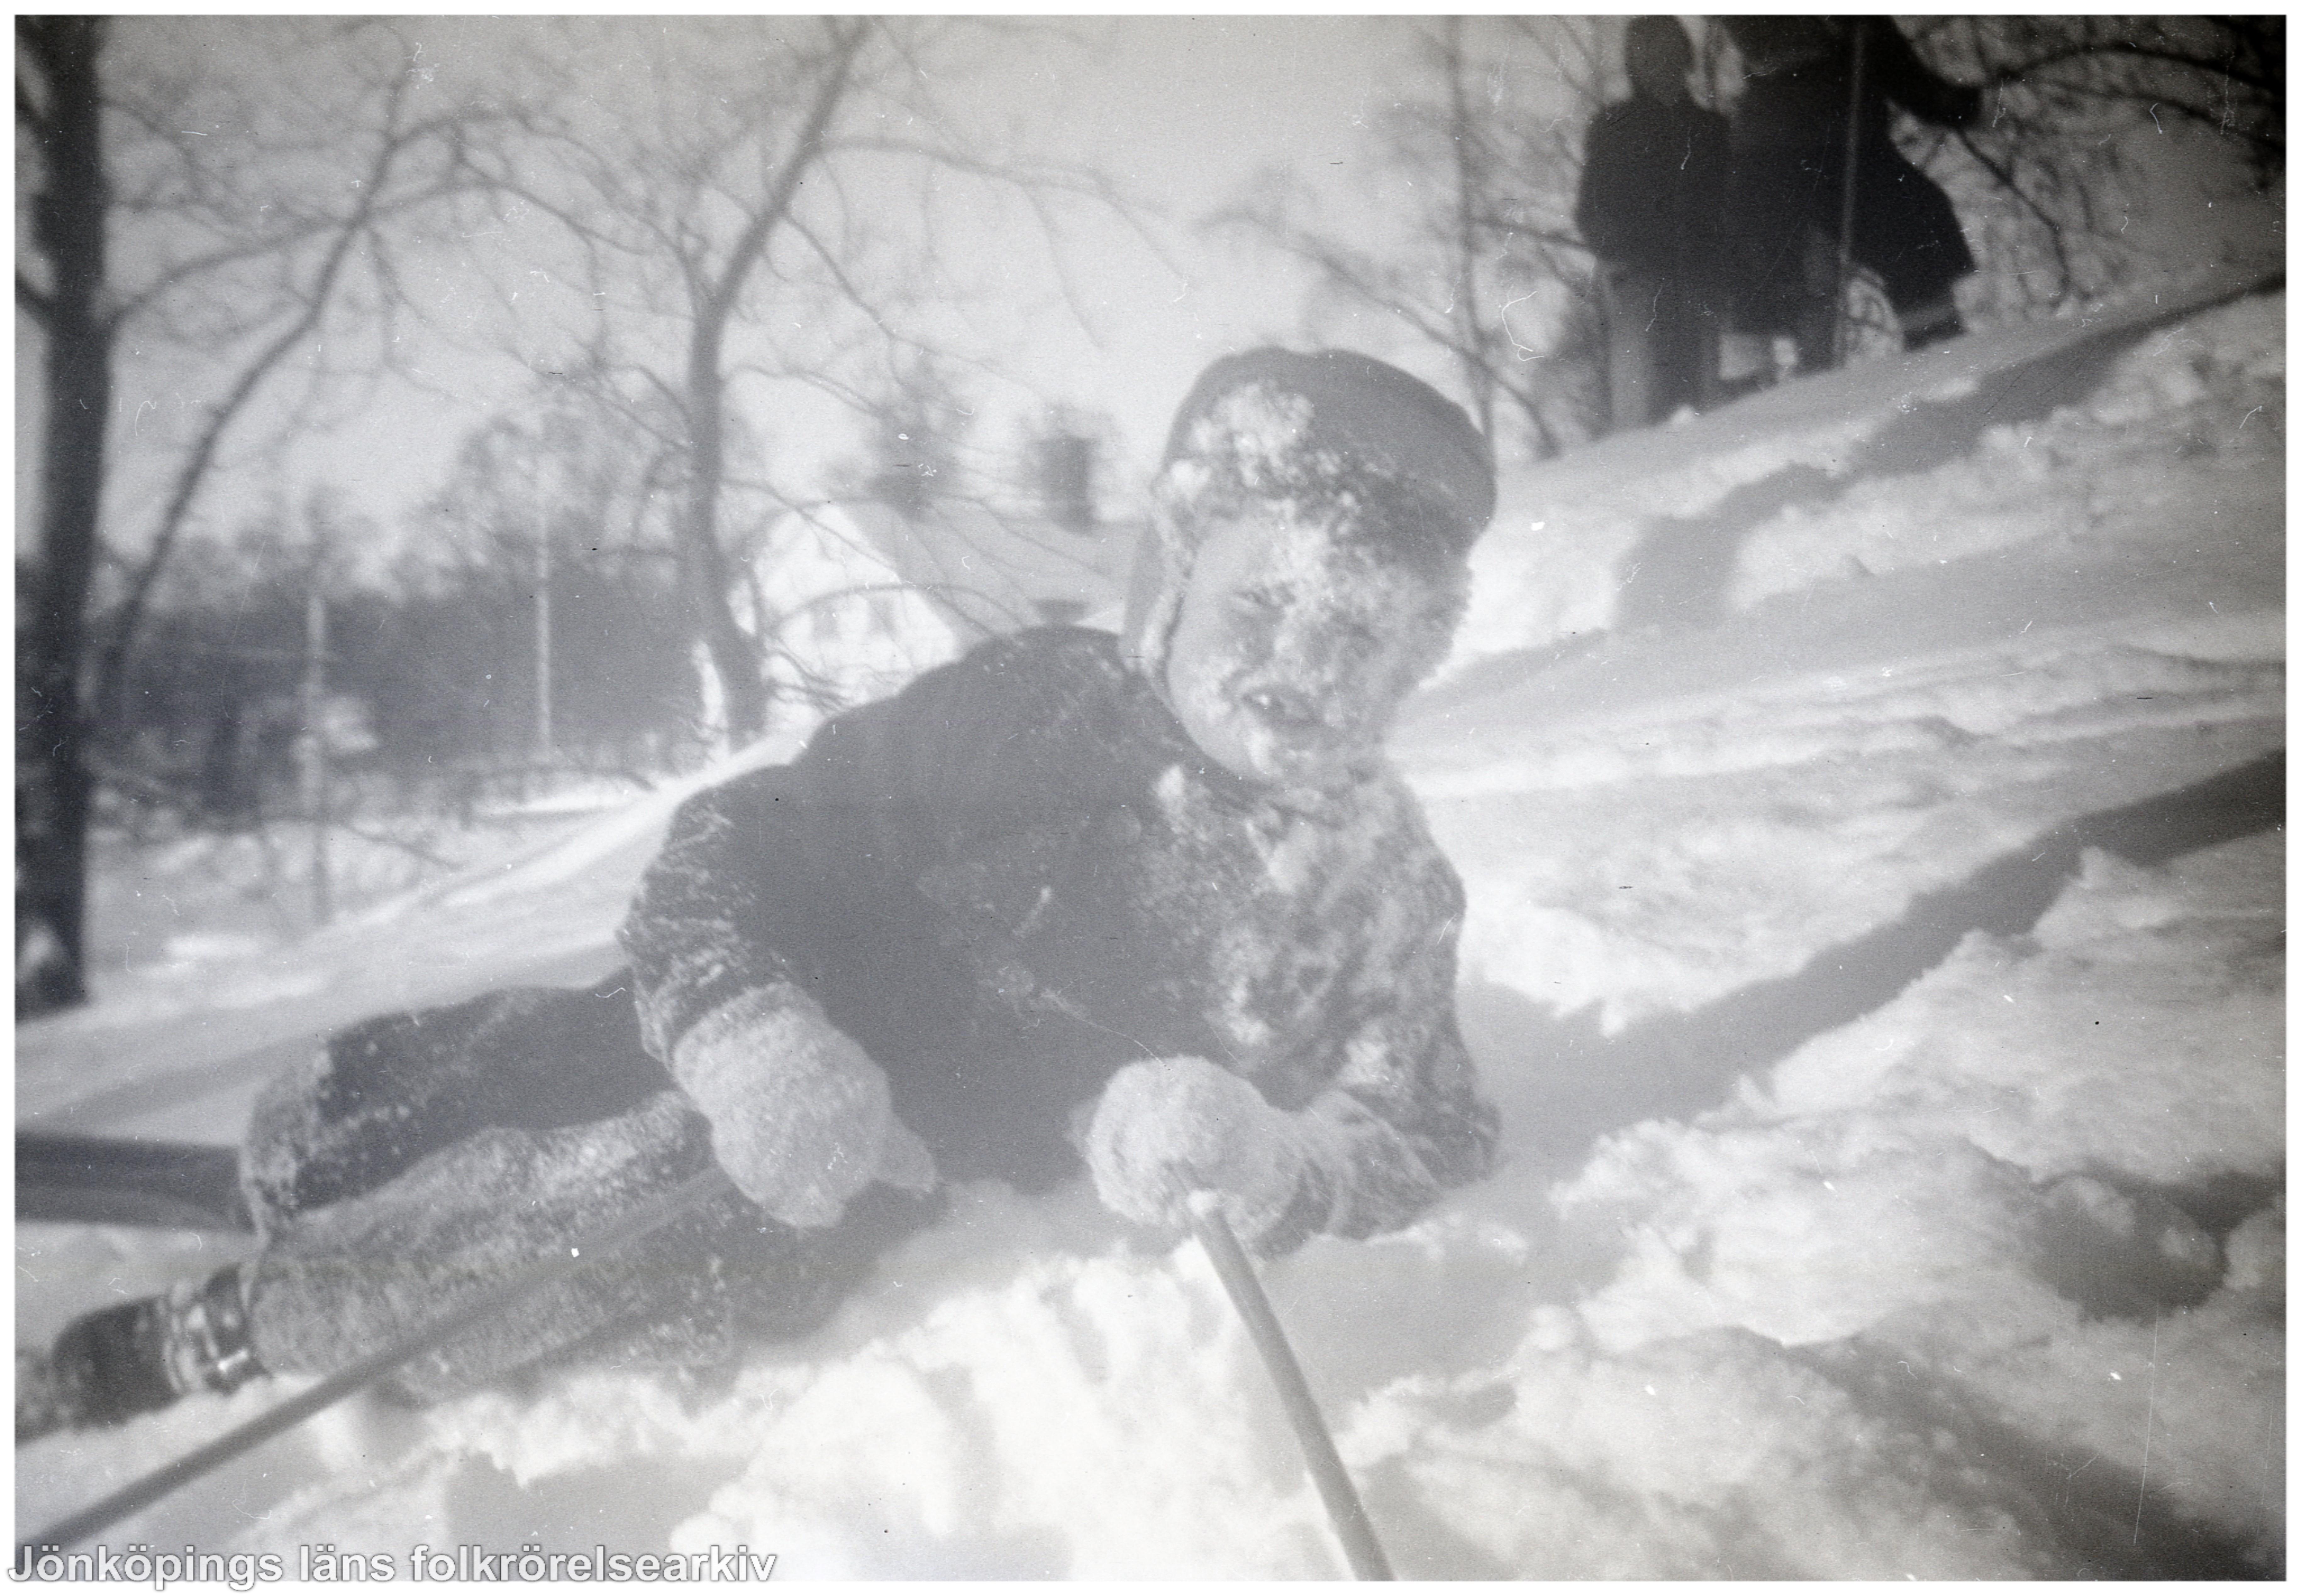 Ett barn i skidutrustning ligger i en backe. Han har snö i ansiktet.